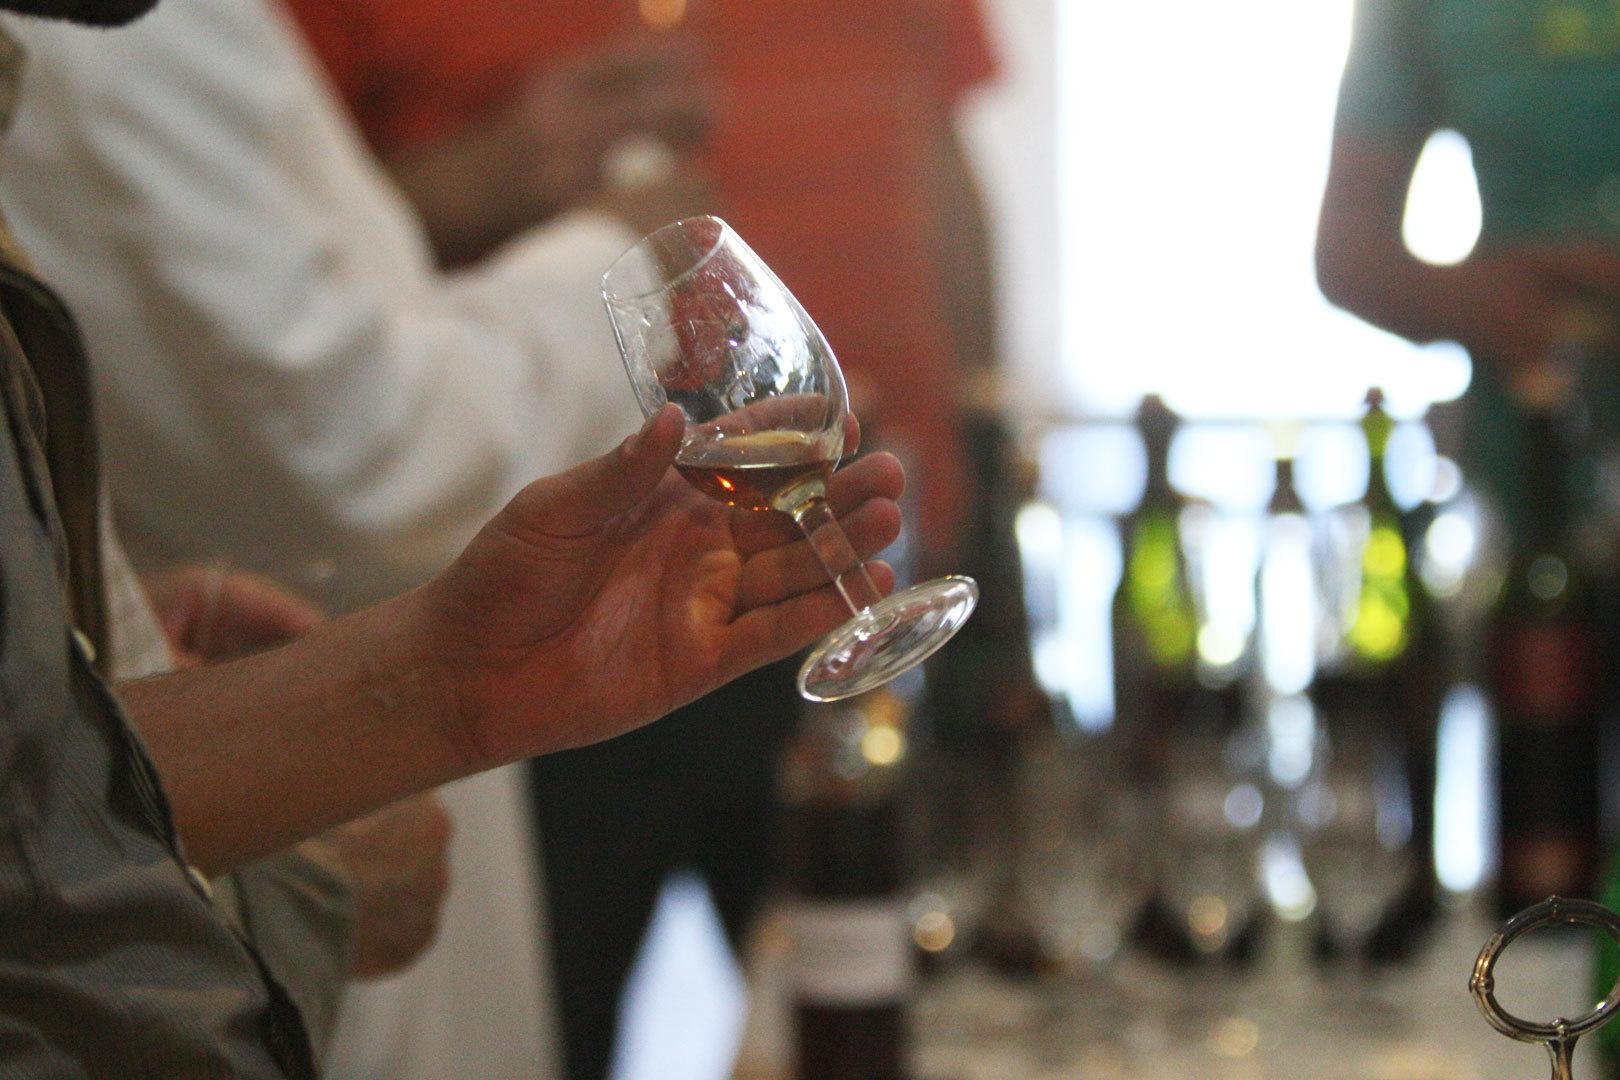 ВСеверной Осетии отыскали крупную партию контрафактного алкоголя